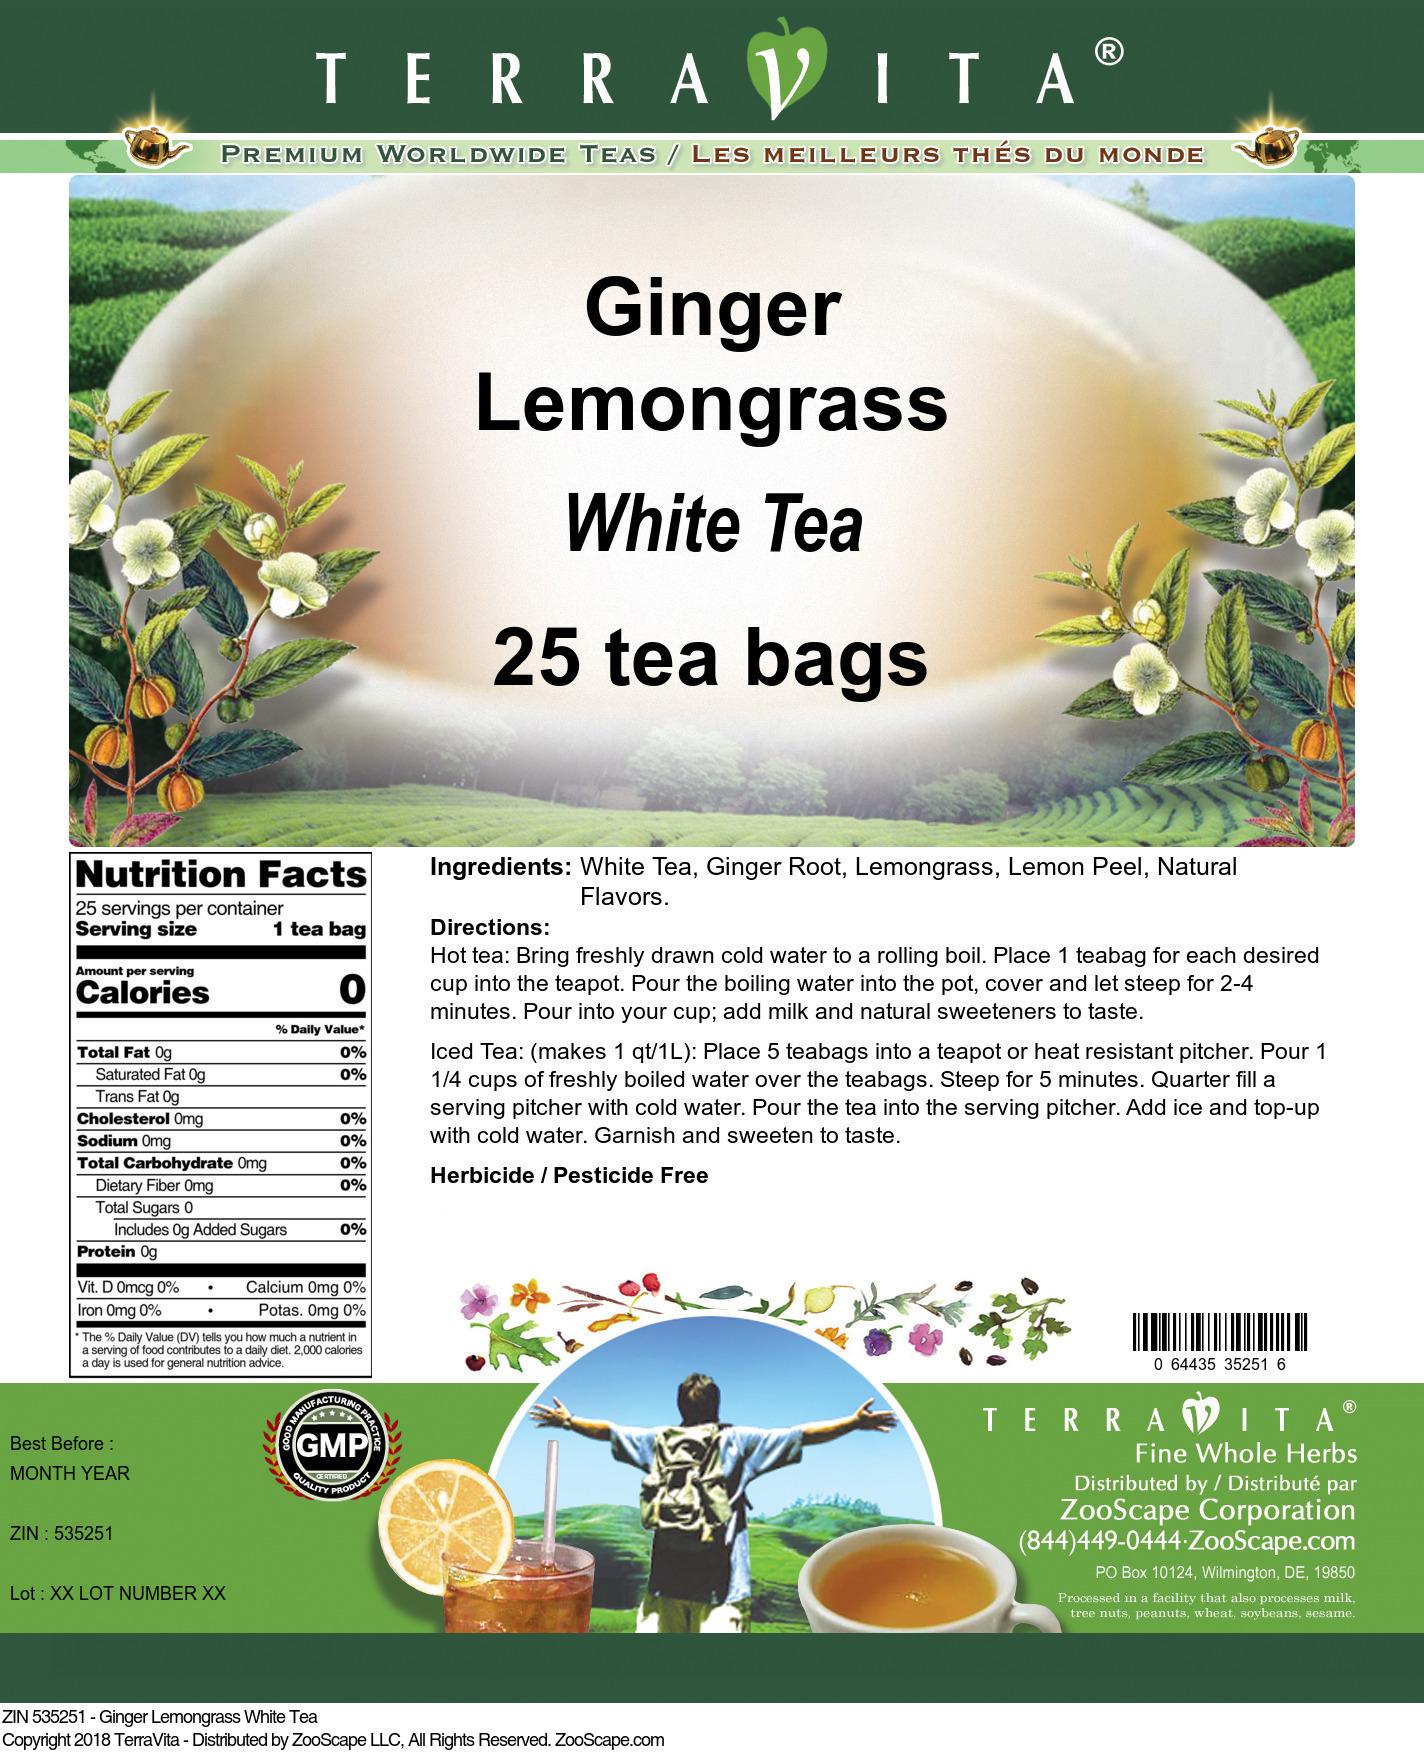 Ginger Lemongrass White Tea